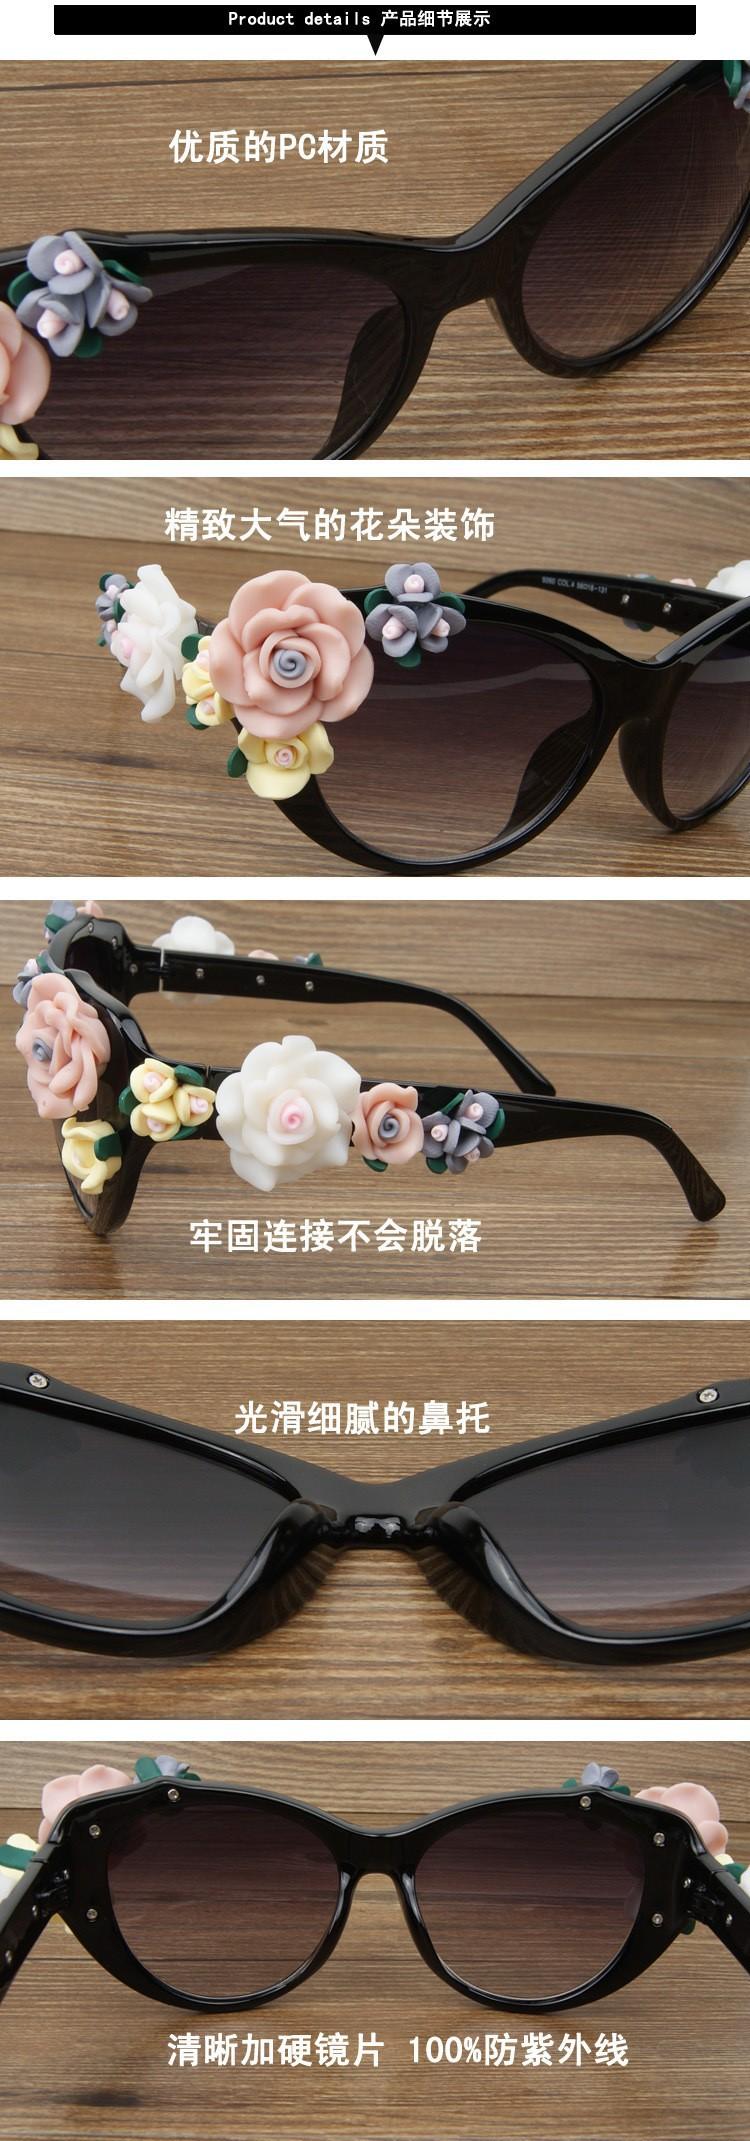 Женские солнцезащитные очки DIY Oculos S61